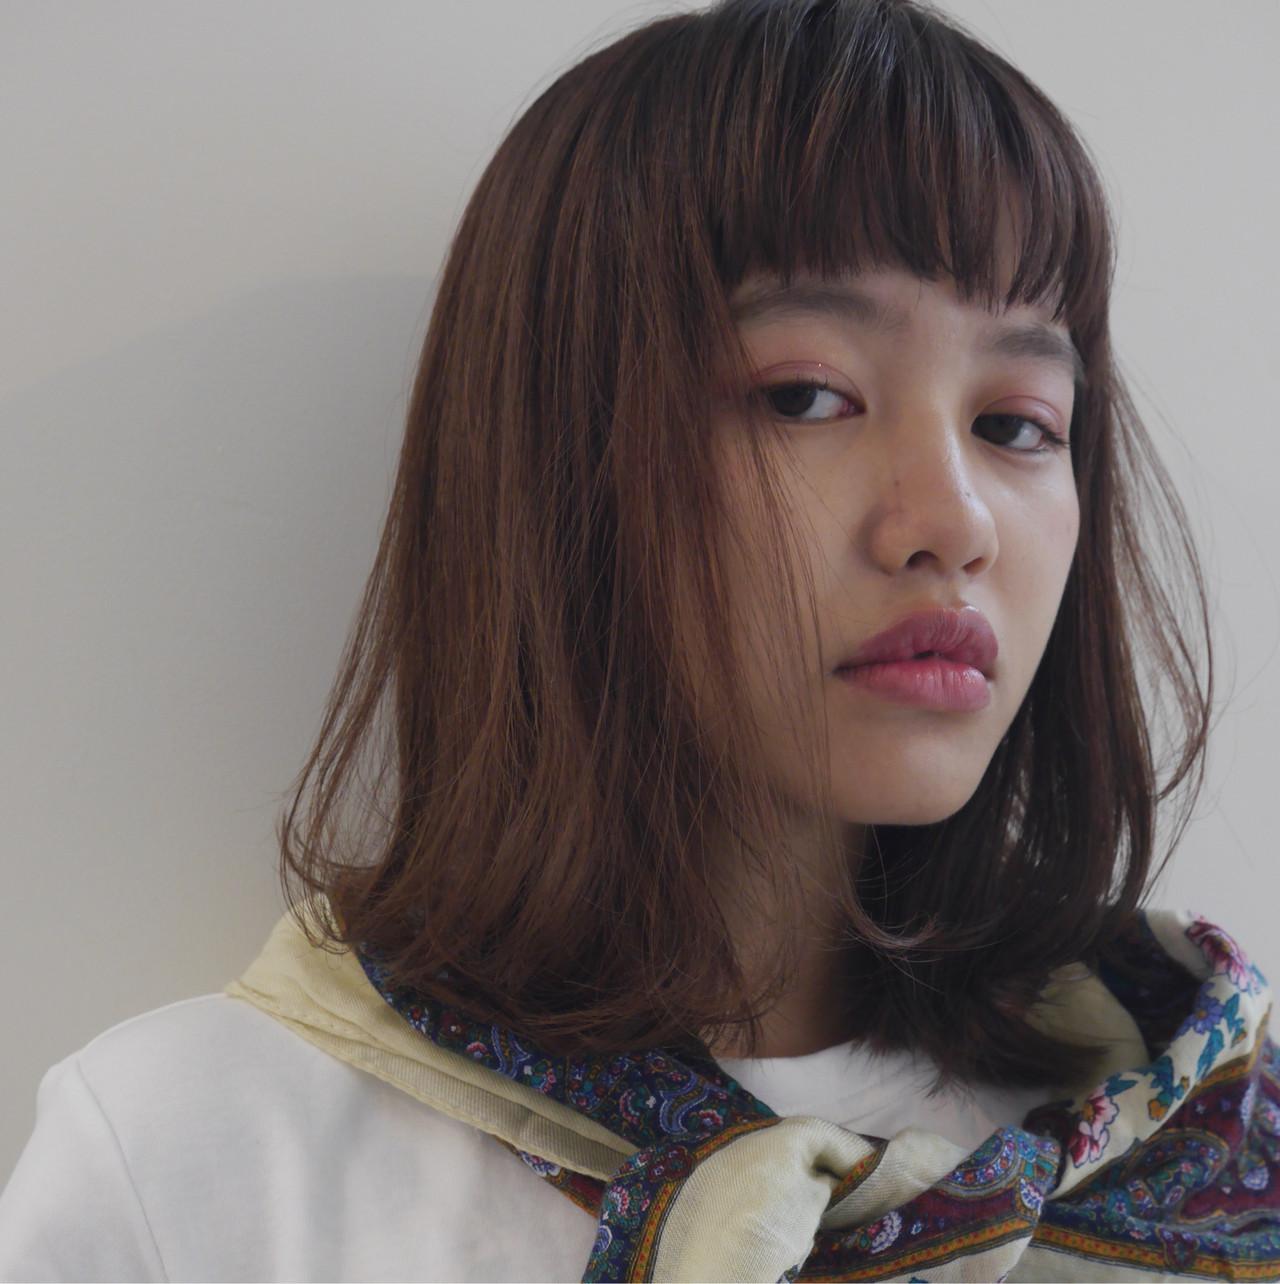 ミディアム ナチュラル 鎖骨ミディアム 外国人風 ヘアスタイルや髪型の写真・画像 | 井浦果歩 / ecouter